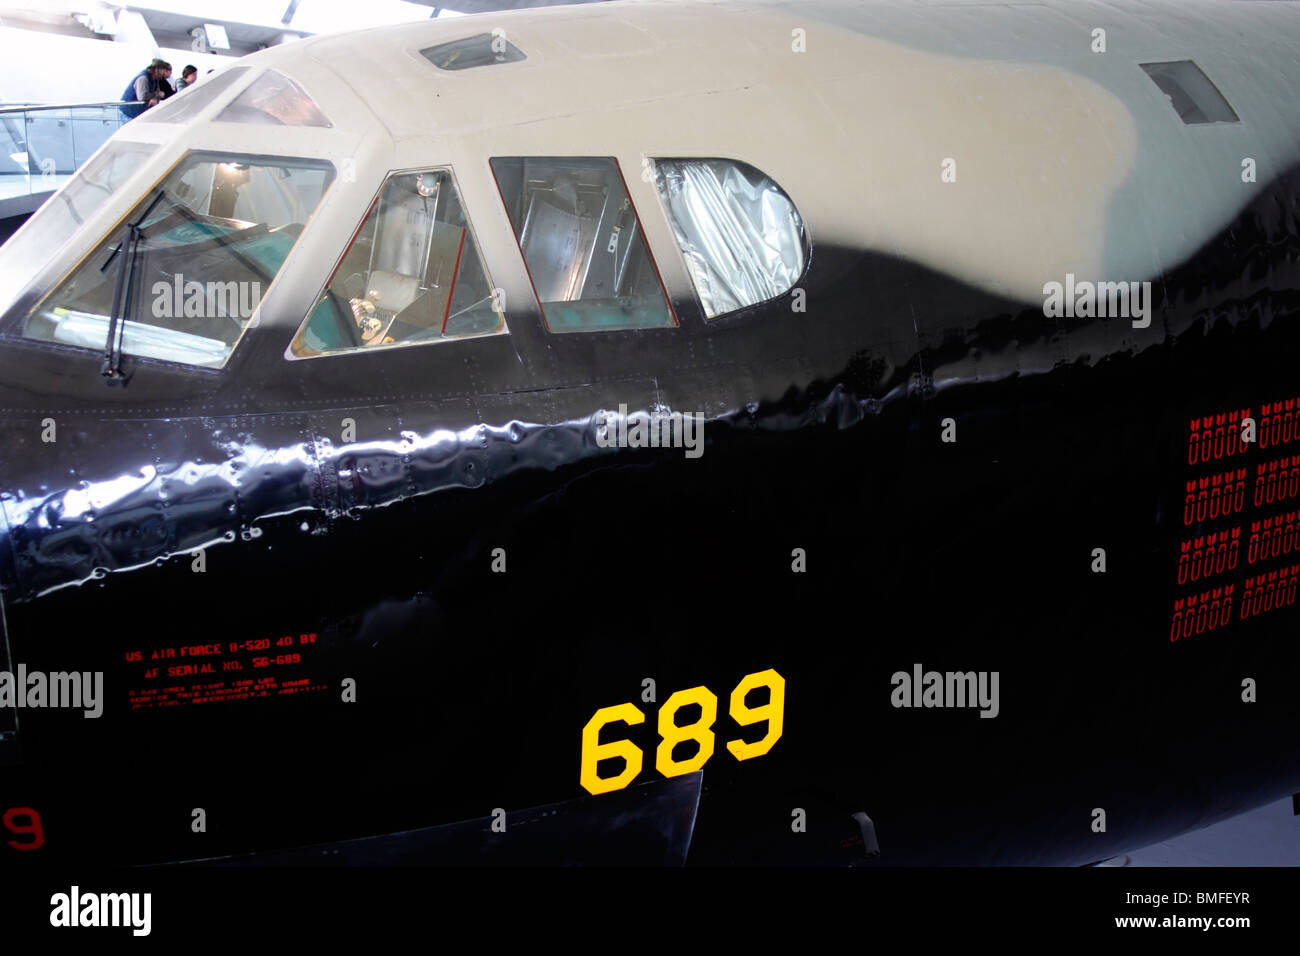 Cabina del Boeing B-52D Stratofortress Duxford Aero - parte del museo El Museo Imperial de la guerra. El Boeing B-52 Stratofortress Foto de stock